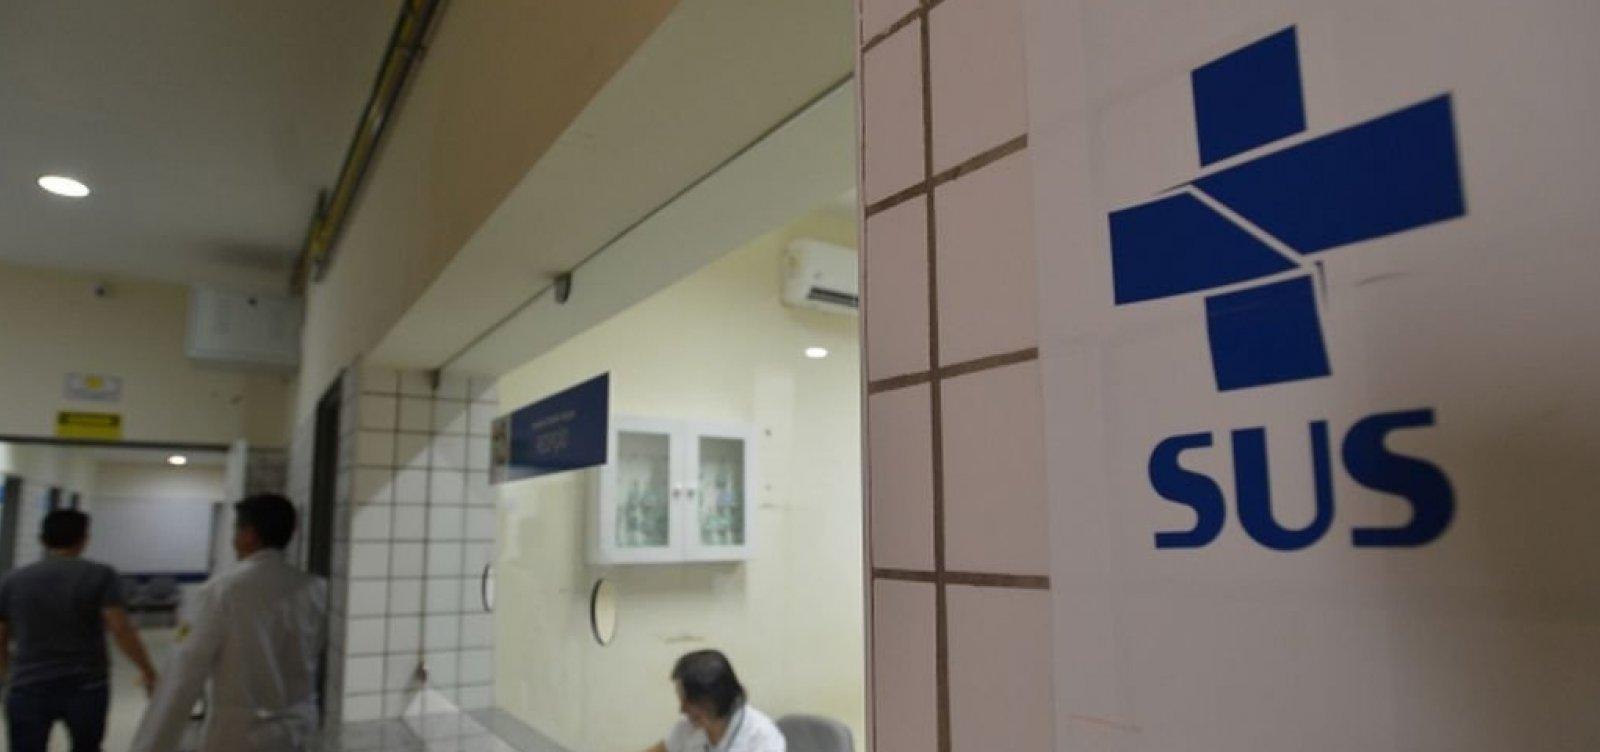 [Ministério Público encontra irregularidades em escolas e unidades de saúde da Bahia]